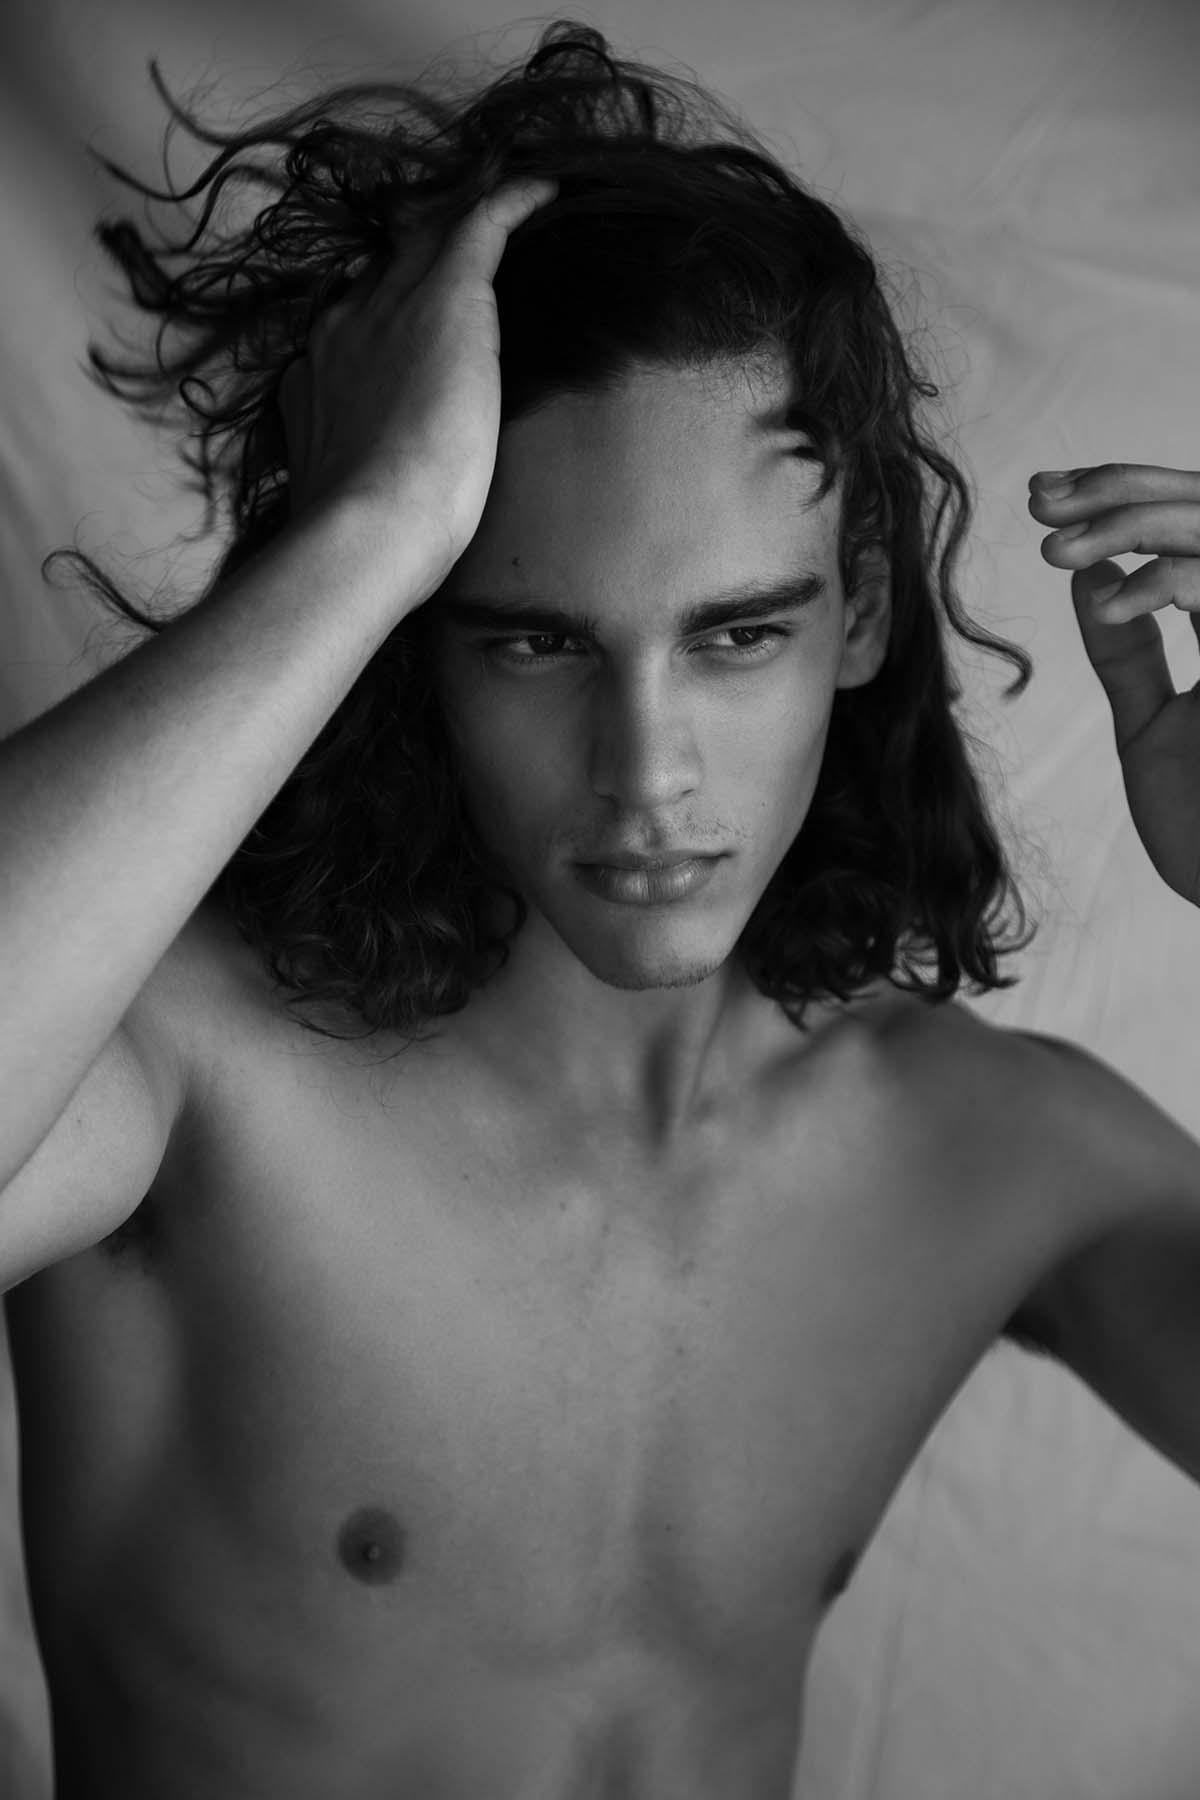 Gabriel Victor by Moises Almeida for Brazilian Male Model